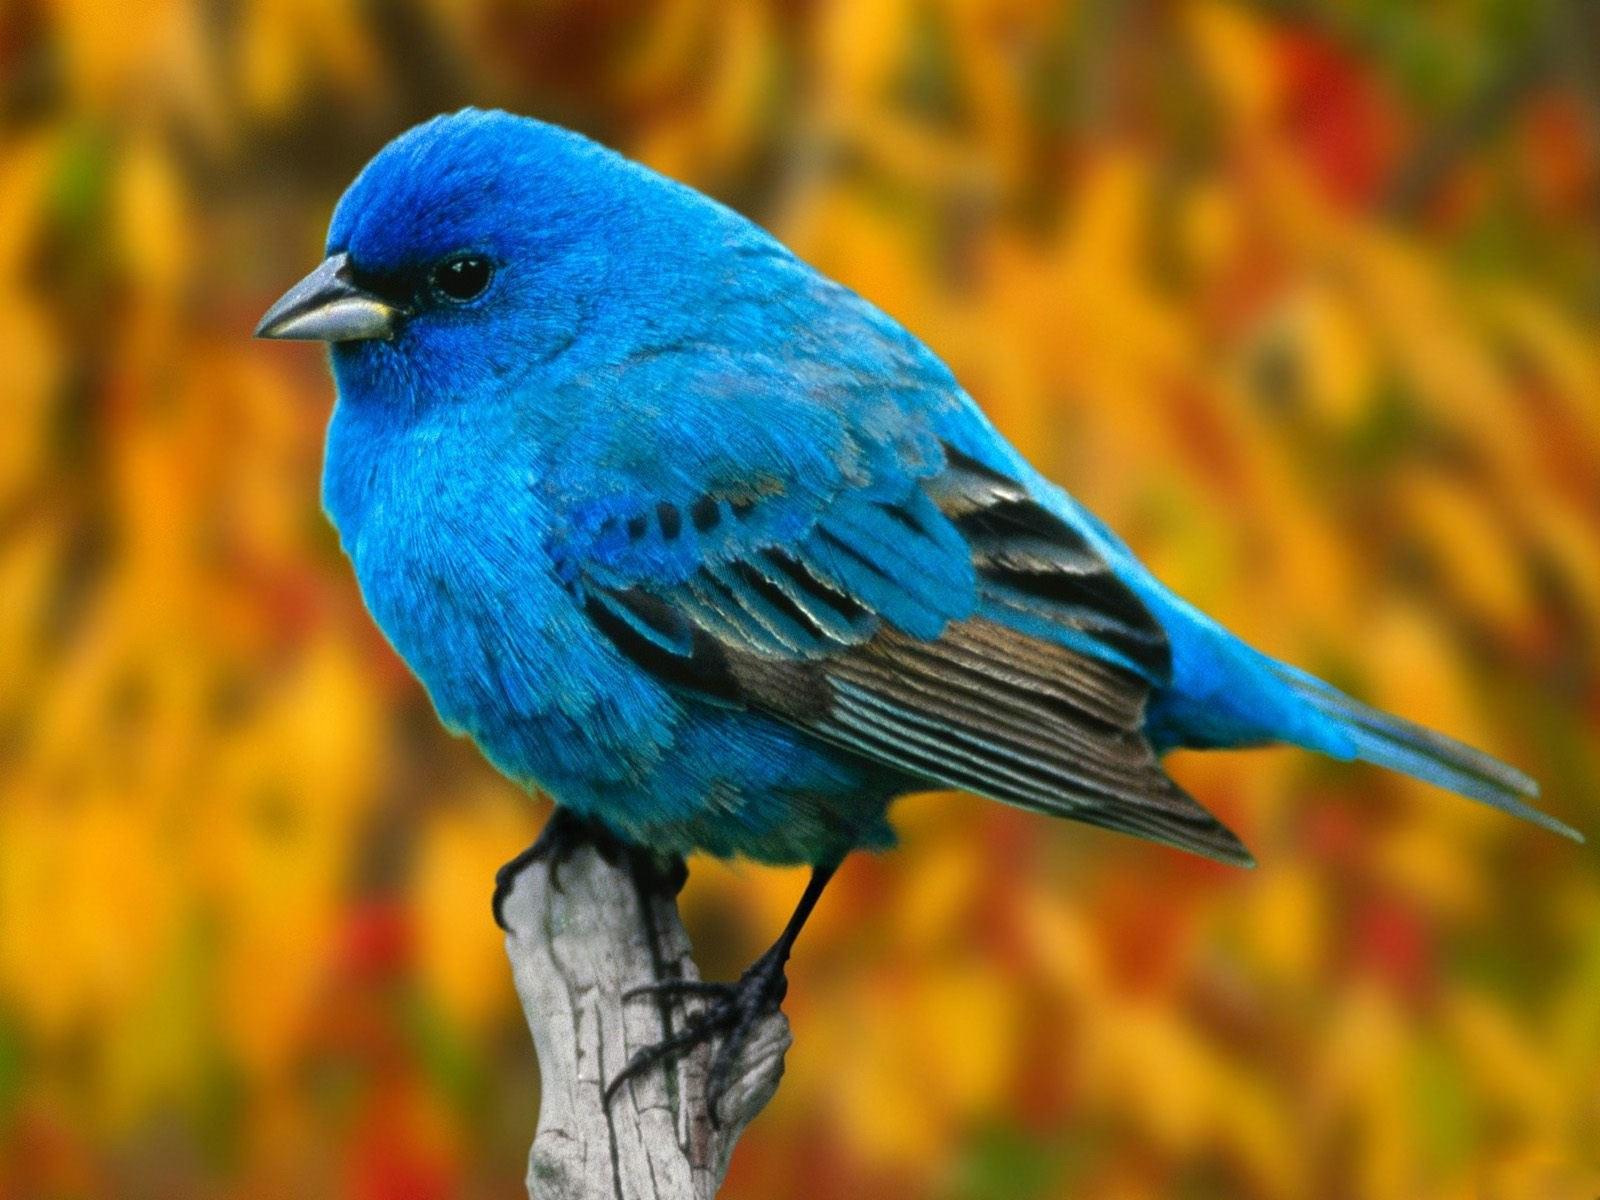 http://4.bp.blogspot.com/-GIWvRLwv-5Q/Tka-x9ULRFI/AAAAAAAACFM/FMk333kGEqI/s1600/blue-bird-wallpaper-free.jpg